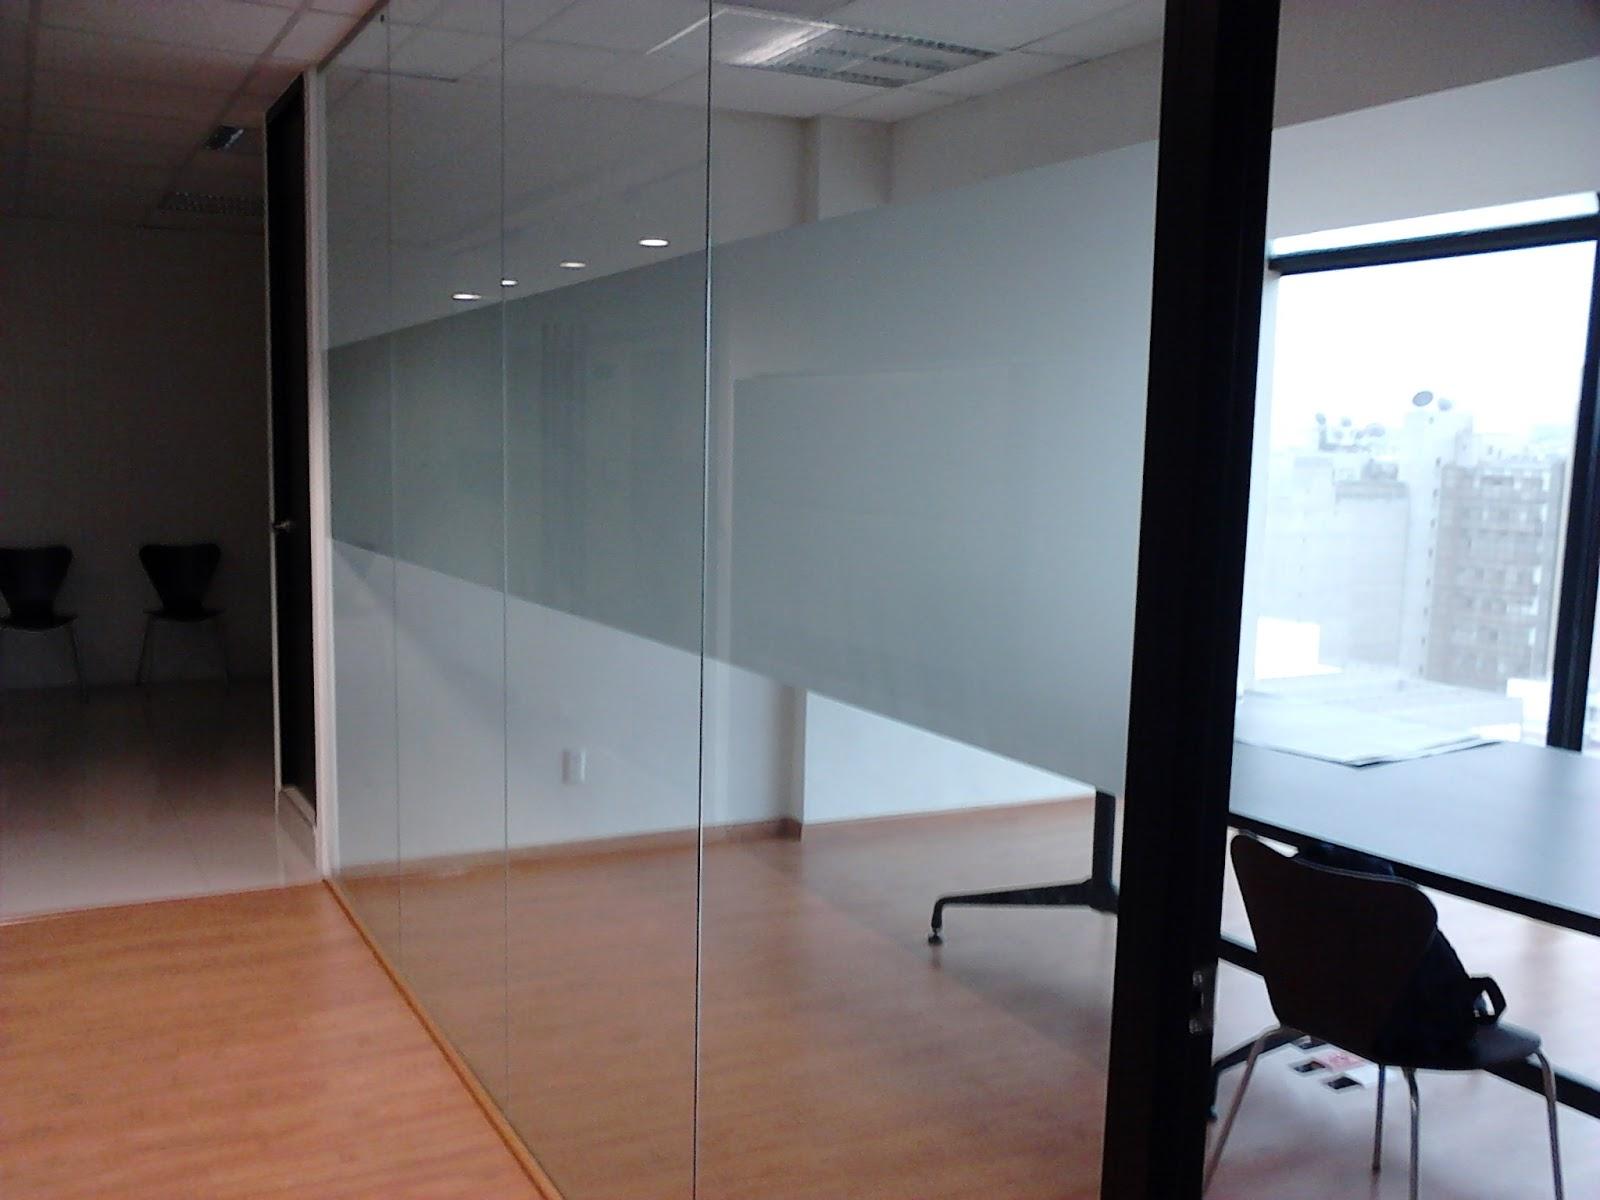 Betocronopio se alizaci n para puertas y muros de vidrio for Puertas de entrada con vidrio